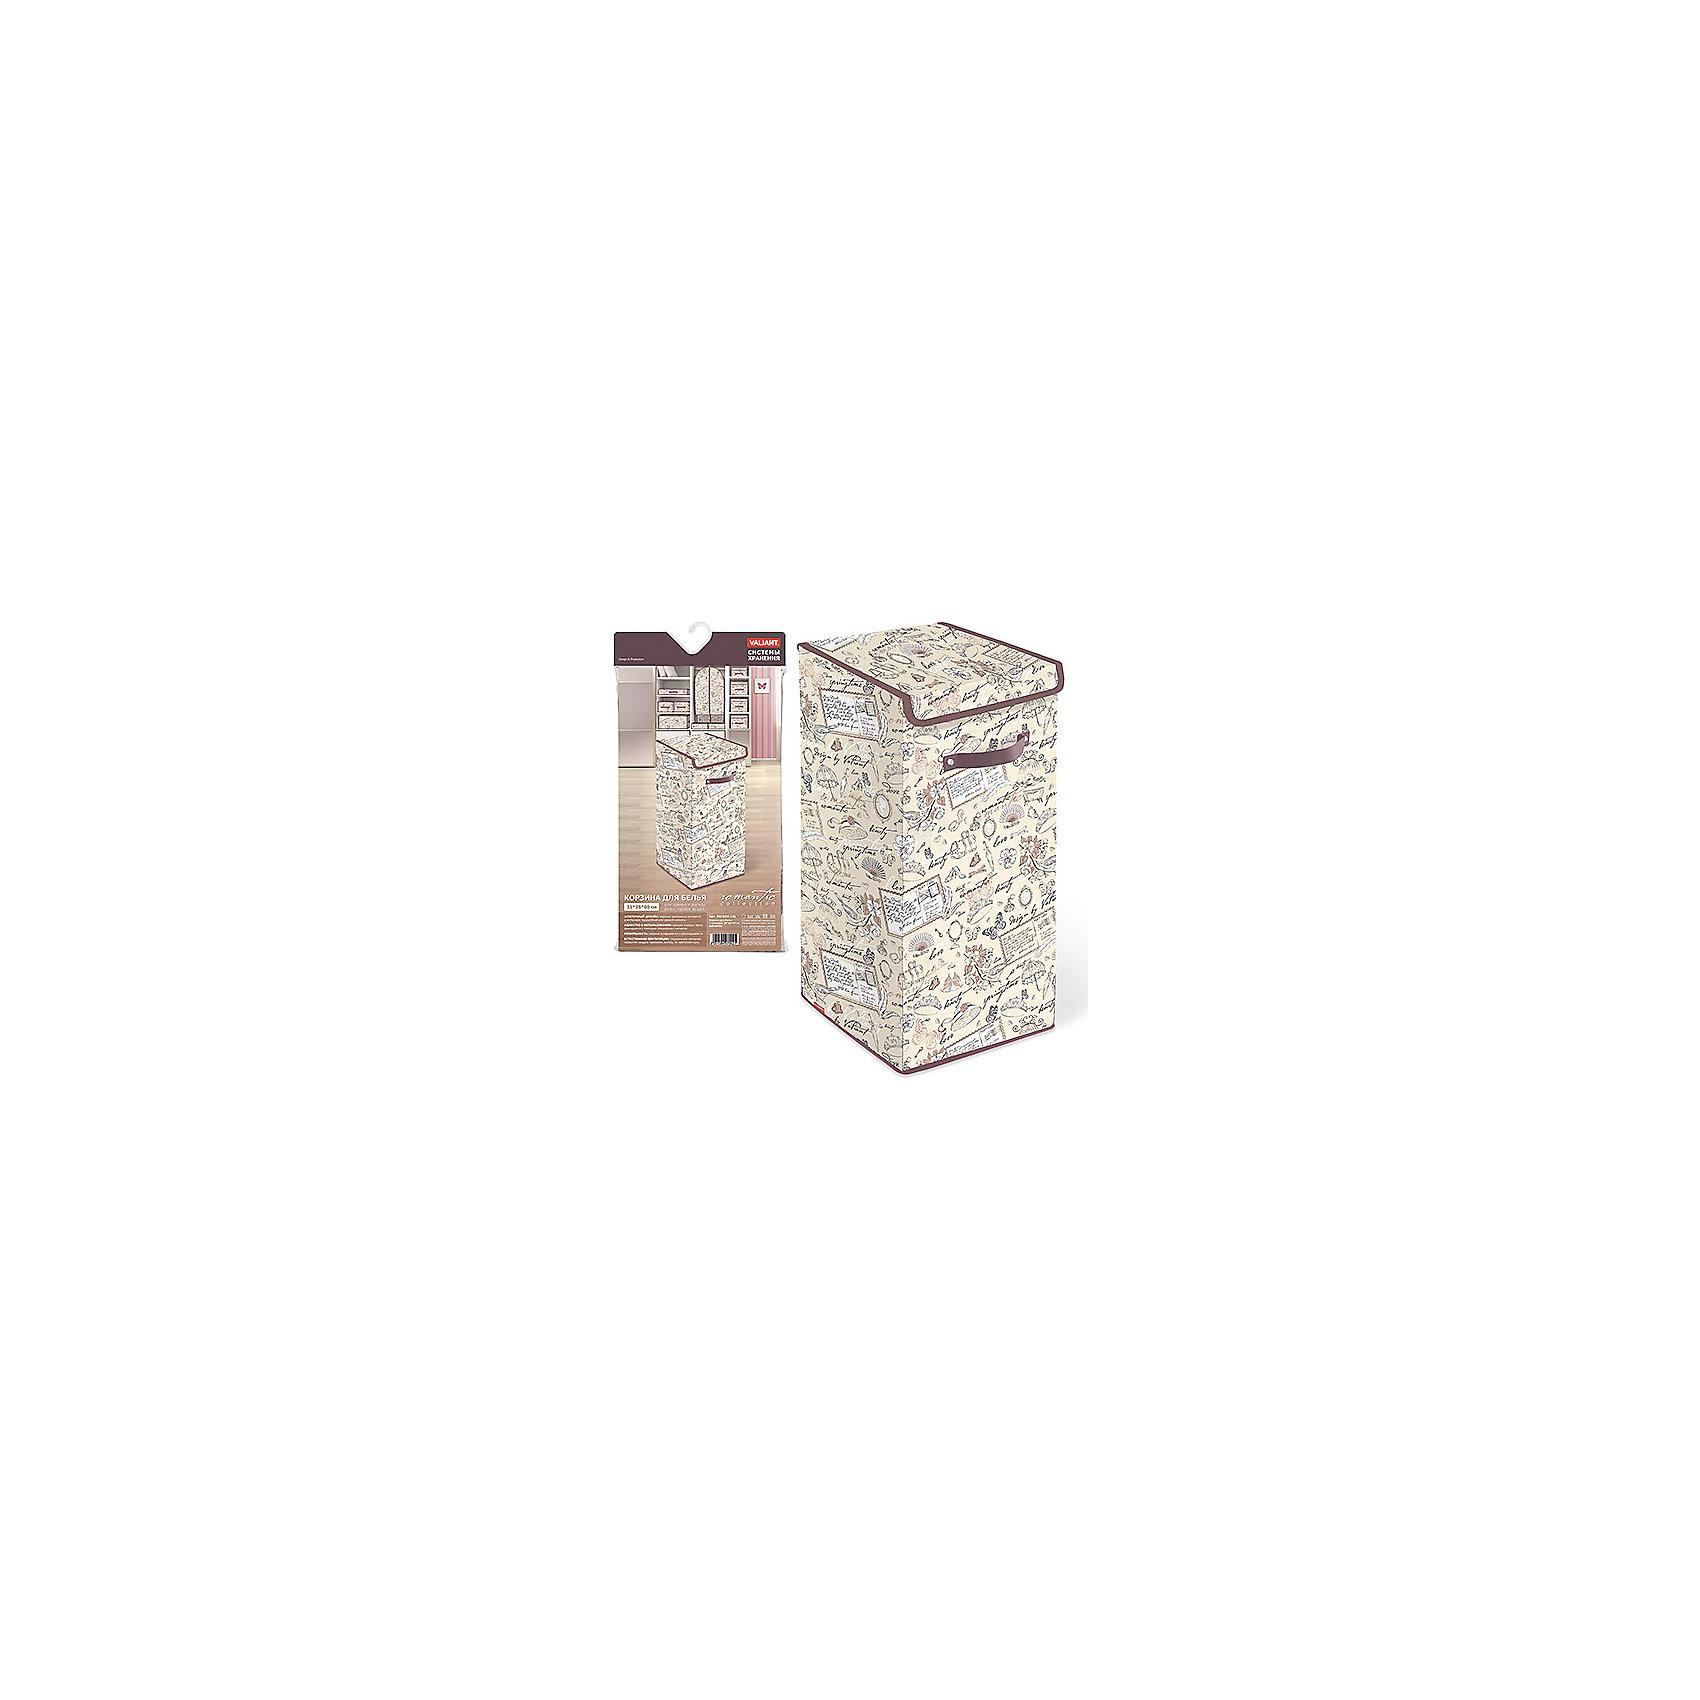 Корзина для белья с крышкой, 35*35*60 см, ROMANTIC, ValiantВанная комната<br>Корзина для белья с крышкой, 35*35*60 см, ROMANTIC, Valiant (Валиант) – это удобный аксессуар, обеспечивающий эстетичное хранение вещей.<br>Корзина для белья с крышкой ROMANTIC от Valiant (Валиант) гармонично смотрится в интерьере гардеробной или ванной комнаты. Она очень удобна и практична. Корзина идеально подойдет для сбора и хранения вещей перед стиркой. Она изготовлена из высококачественного нетканого материала, который обеспечивает естественную вентиляцию, позволяя воздуху проникать внутрь, но не пропускает пыль. Вставки из плотного картона хорошо держат форму. Крышка корзины фиксируется с помощью специальных магнитов. Наличие ручки позволяет легко перемещать корзину. Изделие отличается мобильностью: легко раскладывается и складывается. Корзина для белья с крышкой ROMANTIC от Valiant (Валиант) оформлена оригинальным нежным, изящным рисунком. Она создаст трогательную атмосферу романтического настроения и станет незаменимым аксессуаром.<br><br>Дополнительная информация:<br><br>- Размер: 35х35х60 см.<br>- Материал: нетканый материал, картон<br>- Цвет: пепельно-розовый, сиреневый<br><br>Корзину для белья с крышкой, 35*35*60 см, ROMANTIC, Valiant (Валиант) можно купить в нашем интернет-магазине.<br><br>Ширина мм: 350<br>Глубина мм: 25<br>Высота мм: 710<br>Вес г: 1525<br>Возраст от месяцев: 36<br>Возраст до месяцев: 1080<br>Пол: Унисекс<br>Возраст: Детский<br>SKU: 4993462